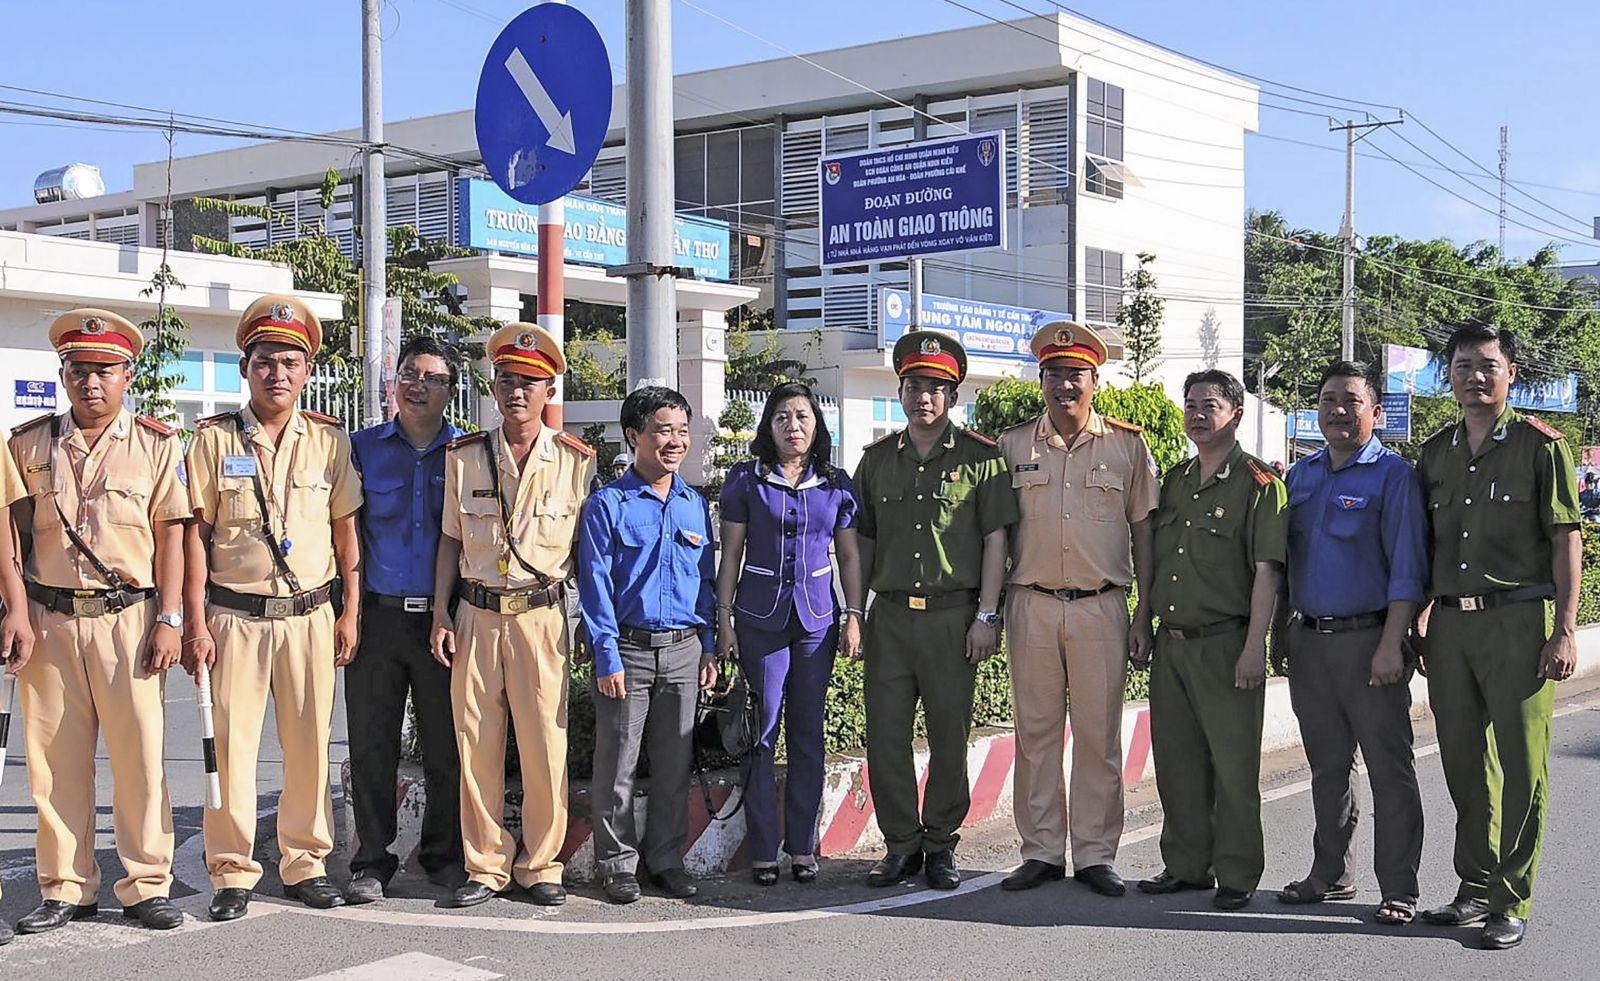 Các ban, ngành, đoàn thể trên địa bàn quận Ninh Kiều phối hợp xây dựng đoạn đường ATGT tuyến đường Nguyễn Văn Cừ, ra mắt cuối năm 2015, đến nay tiếp tục duy trì hiệu quả, góp phần tích cực trong giữ gìn an ninh trật tự. Ảnh: KIỀU CHINH